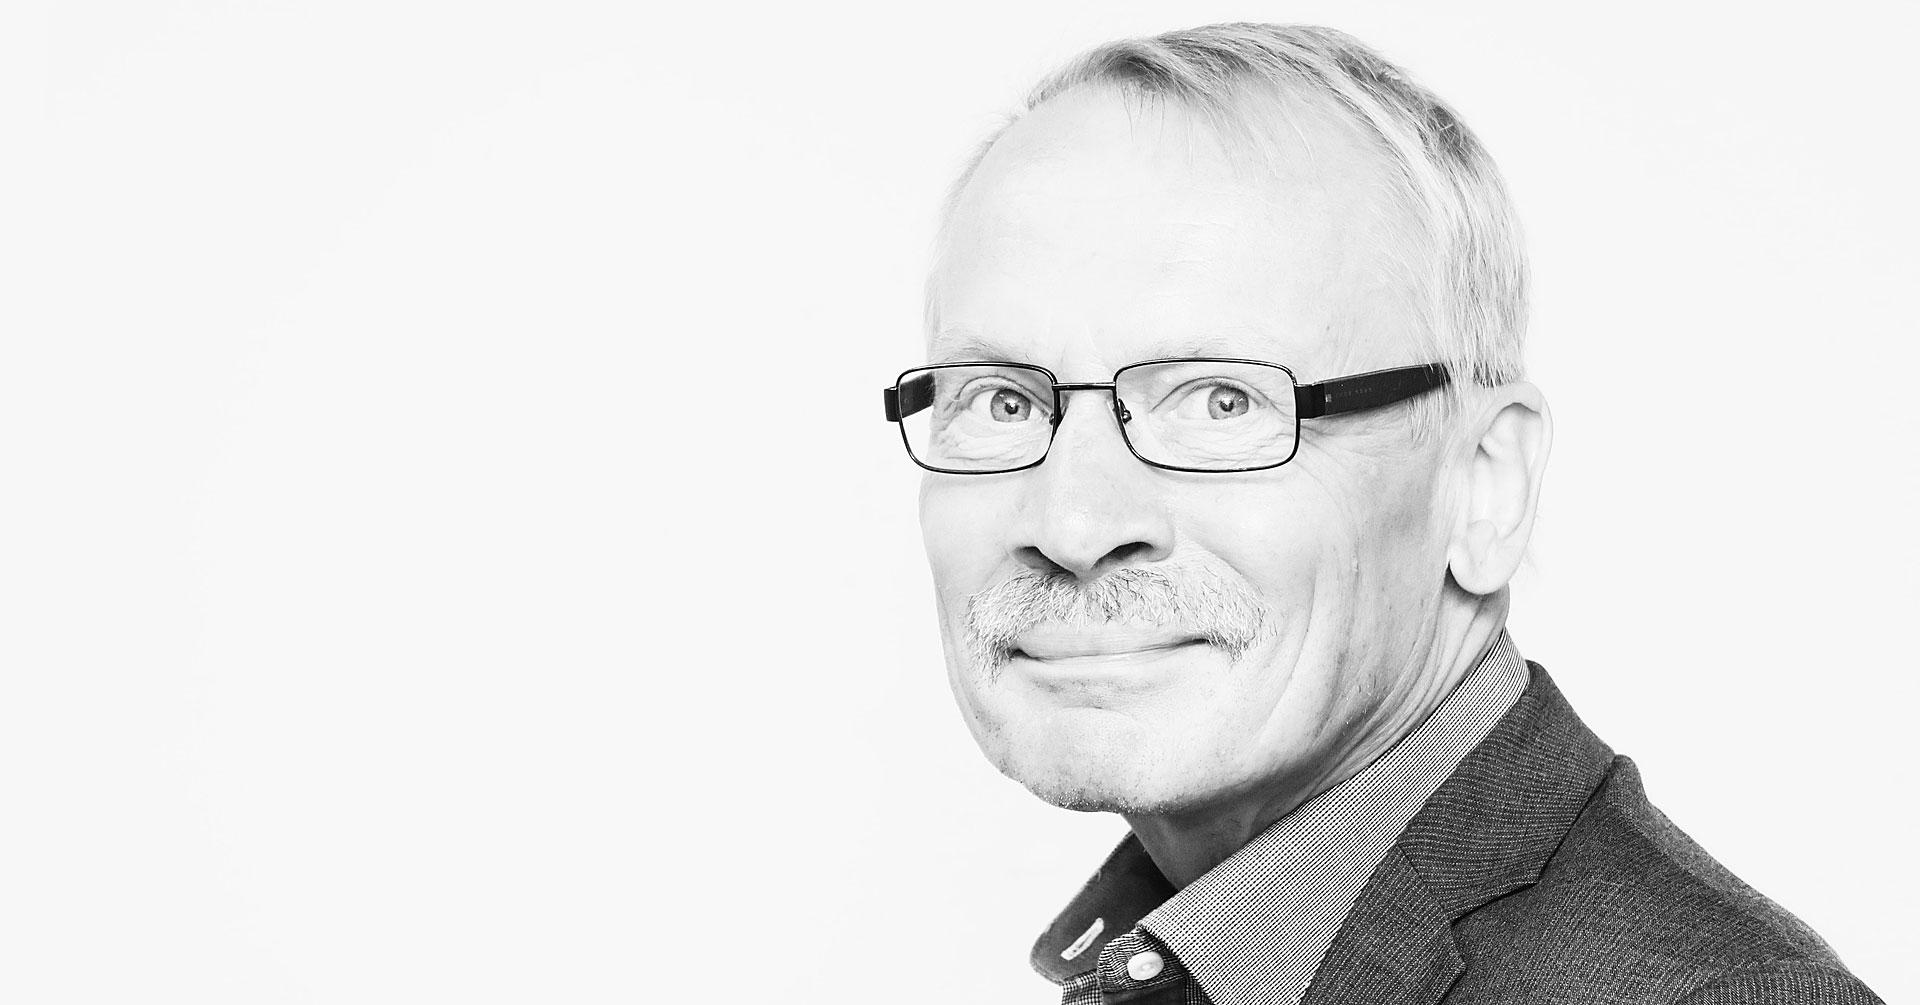 SLF (Sønderjysk Landboforening) har ansat Bent T. Sørensen fra Sønderborg som regnskabskonsulent pr. 1. september.